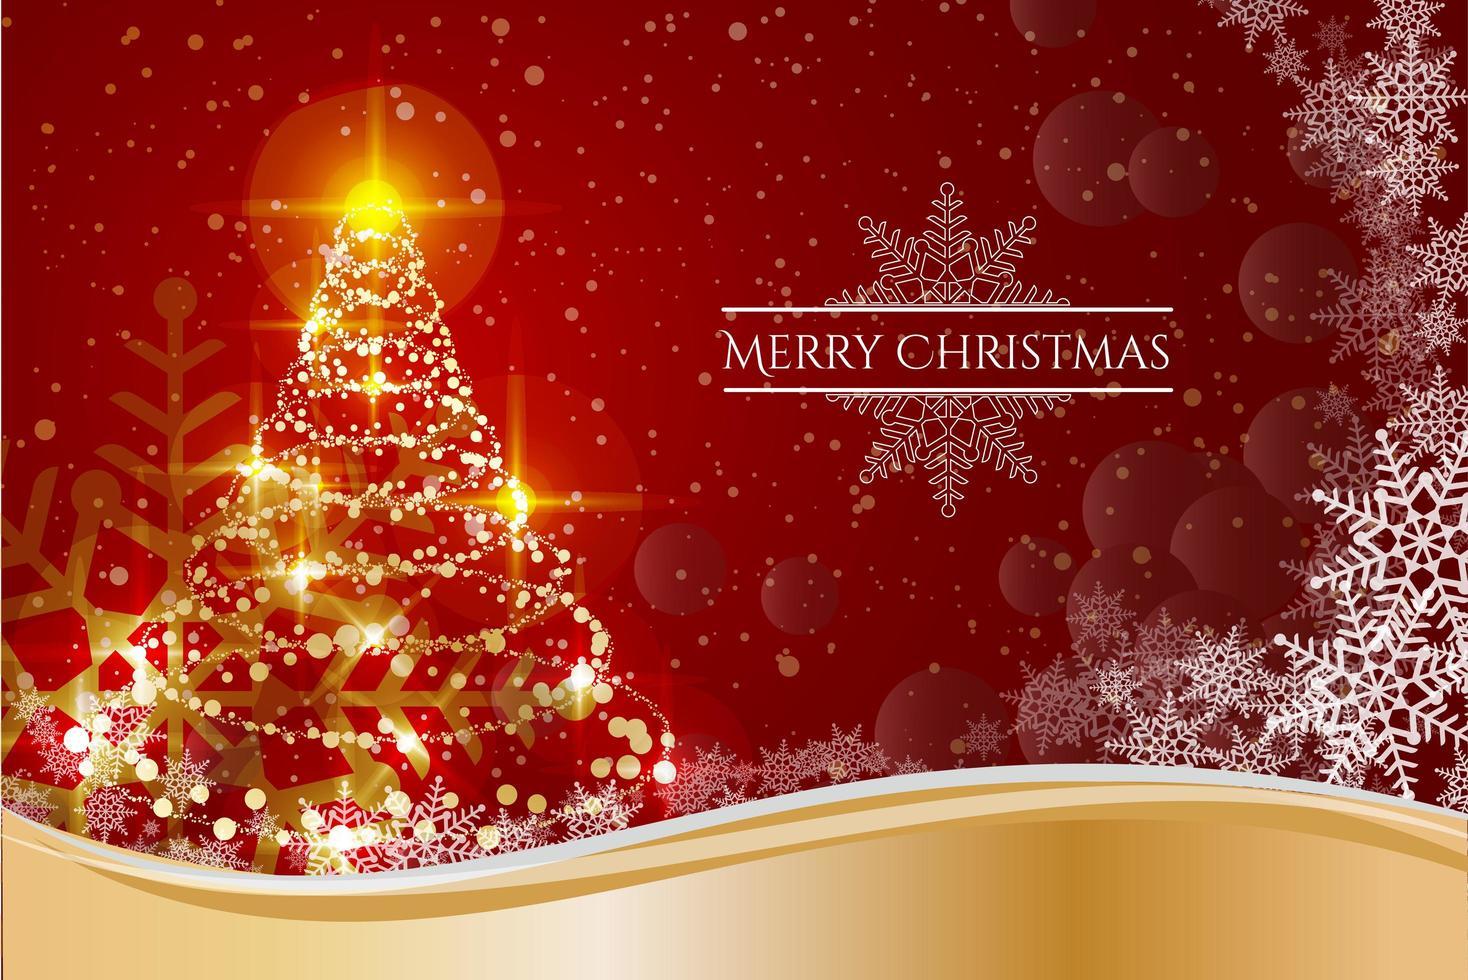 diseño de fondo feliz navidad vector